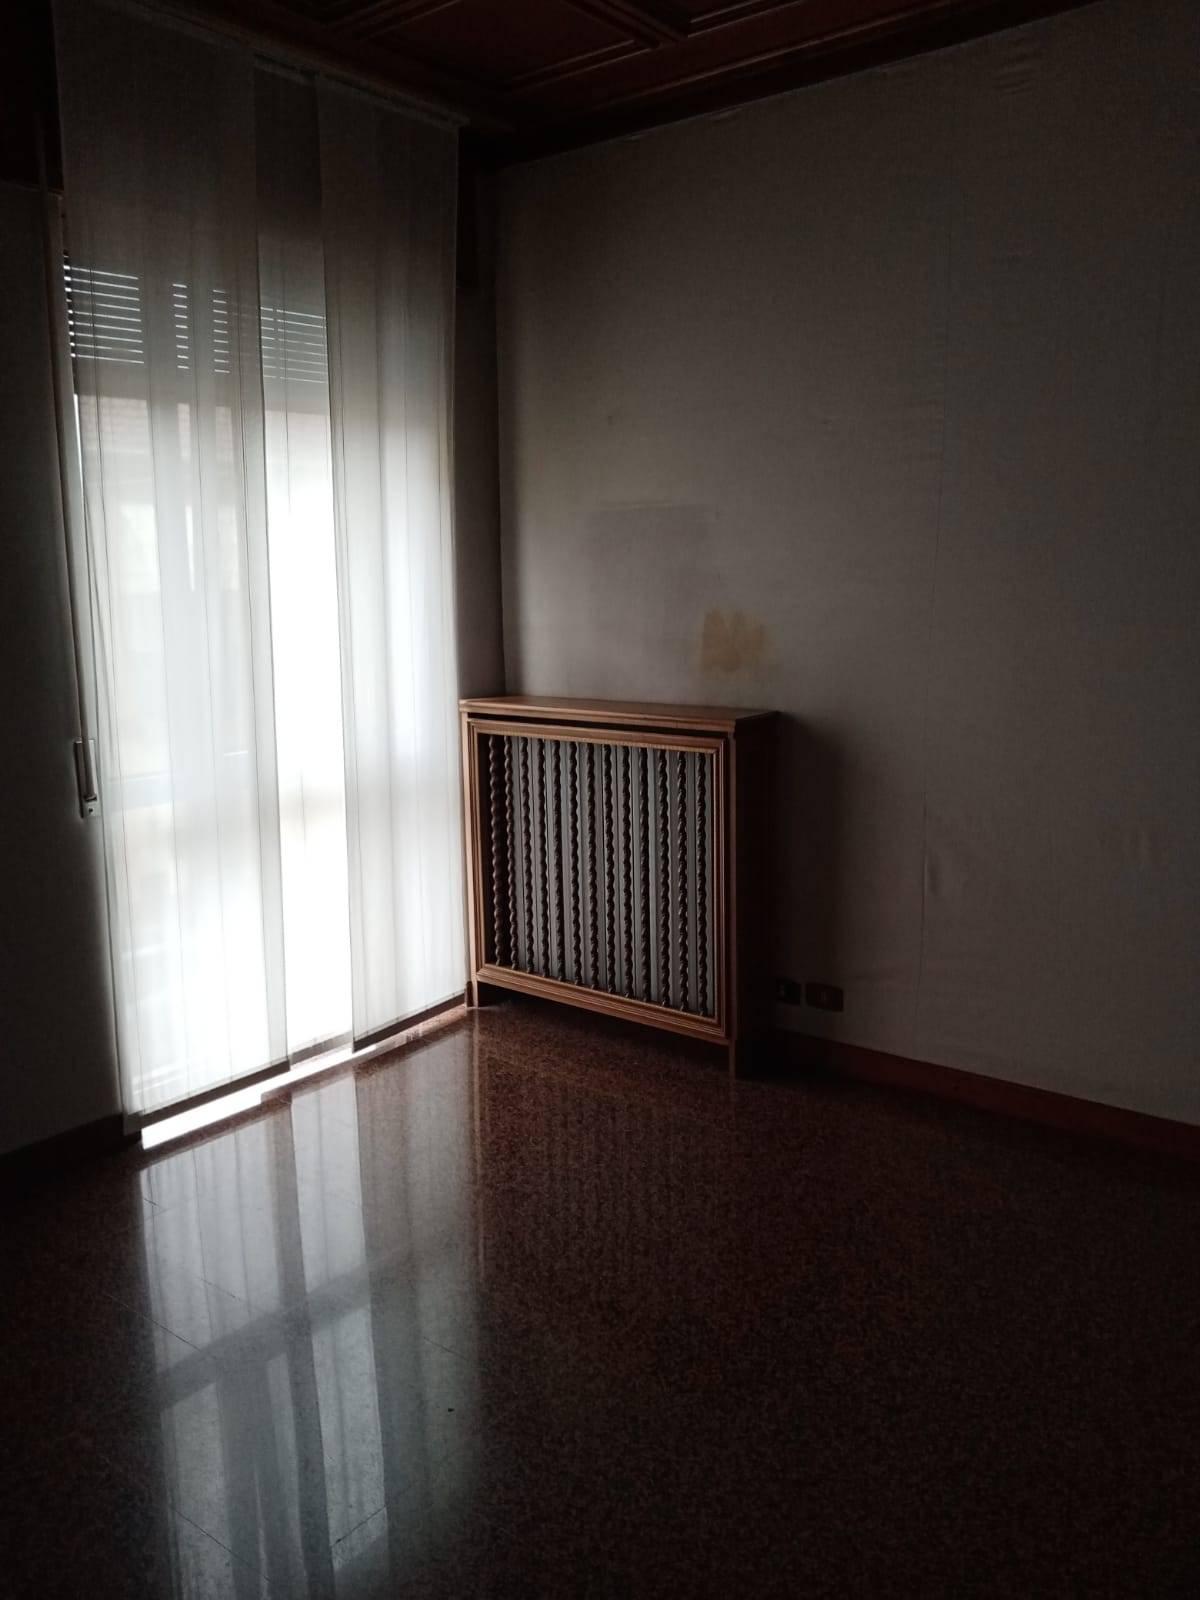 Appartamento in affitto a Novara, 4 locali, zona Località: S.Cuore-S.Martino, prezzo € 950 | CambioCasa.it